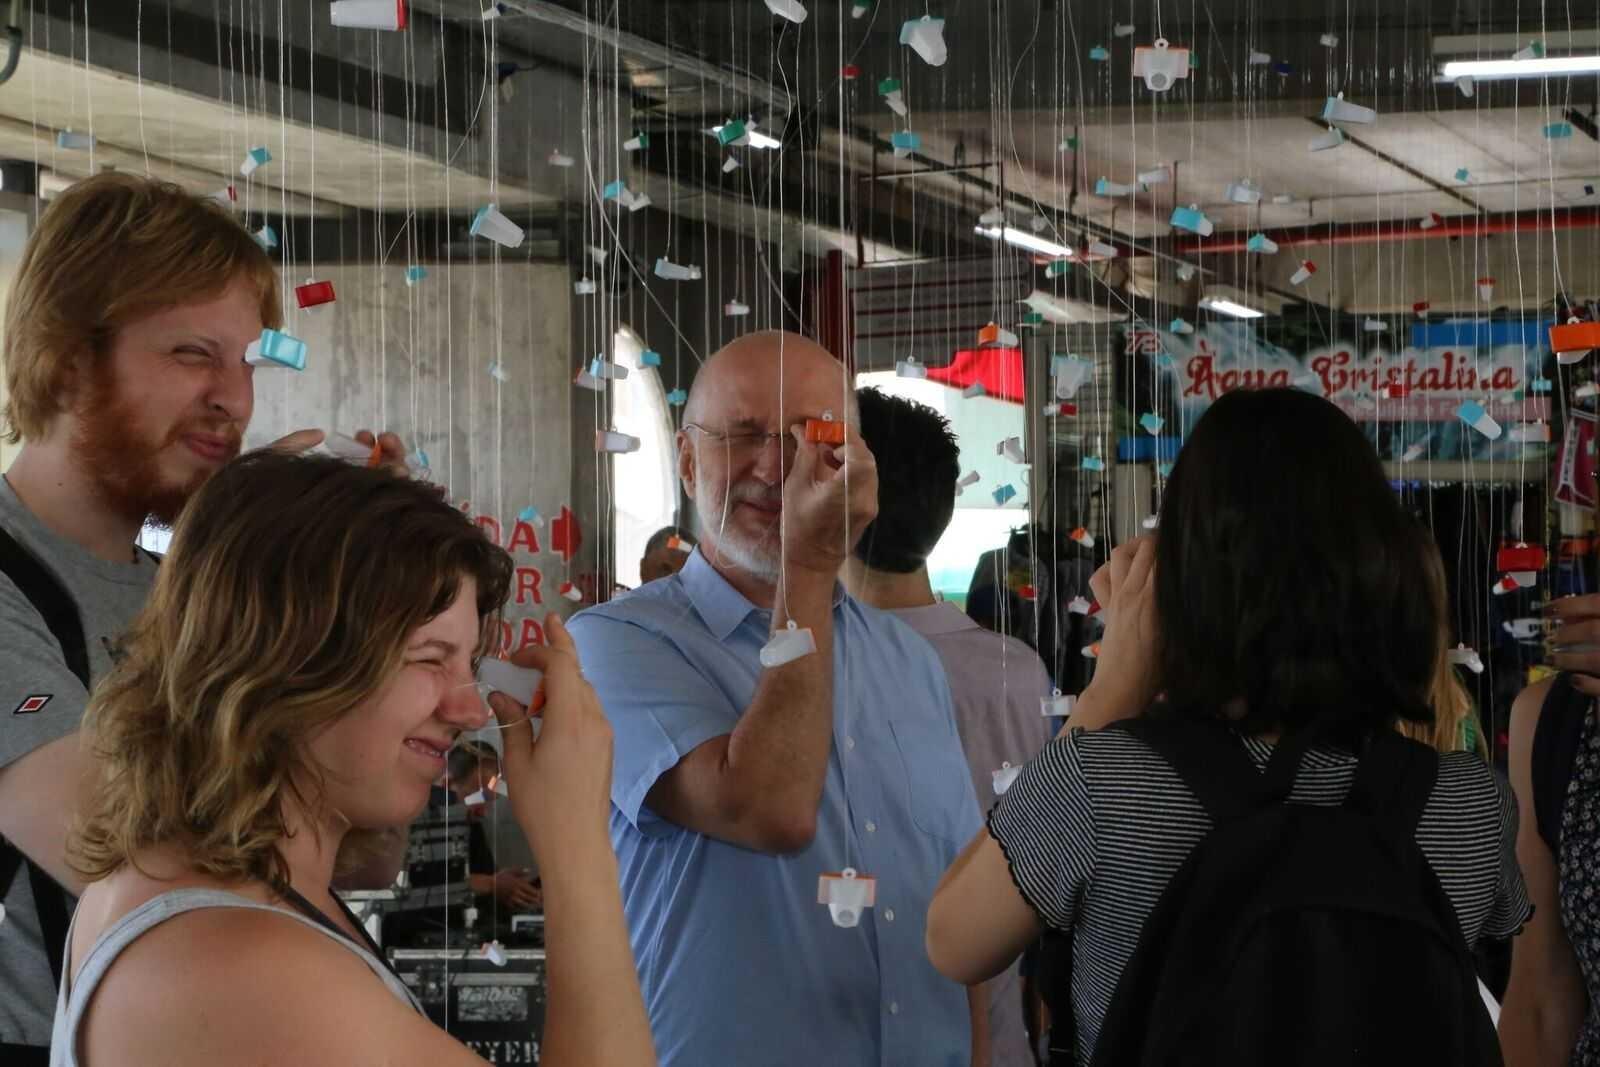 Exposição de pernambucano reúne histórias de lojistas em Porto Alegre - Noticias